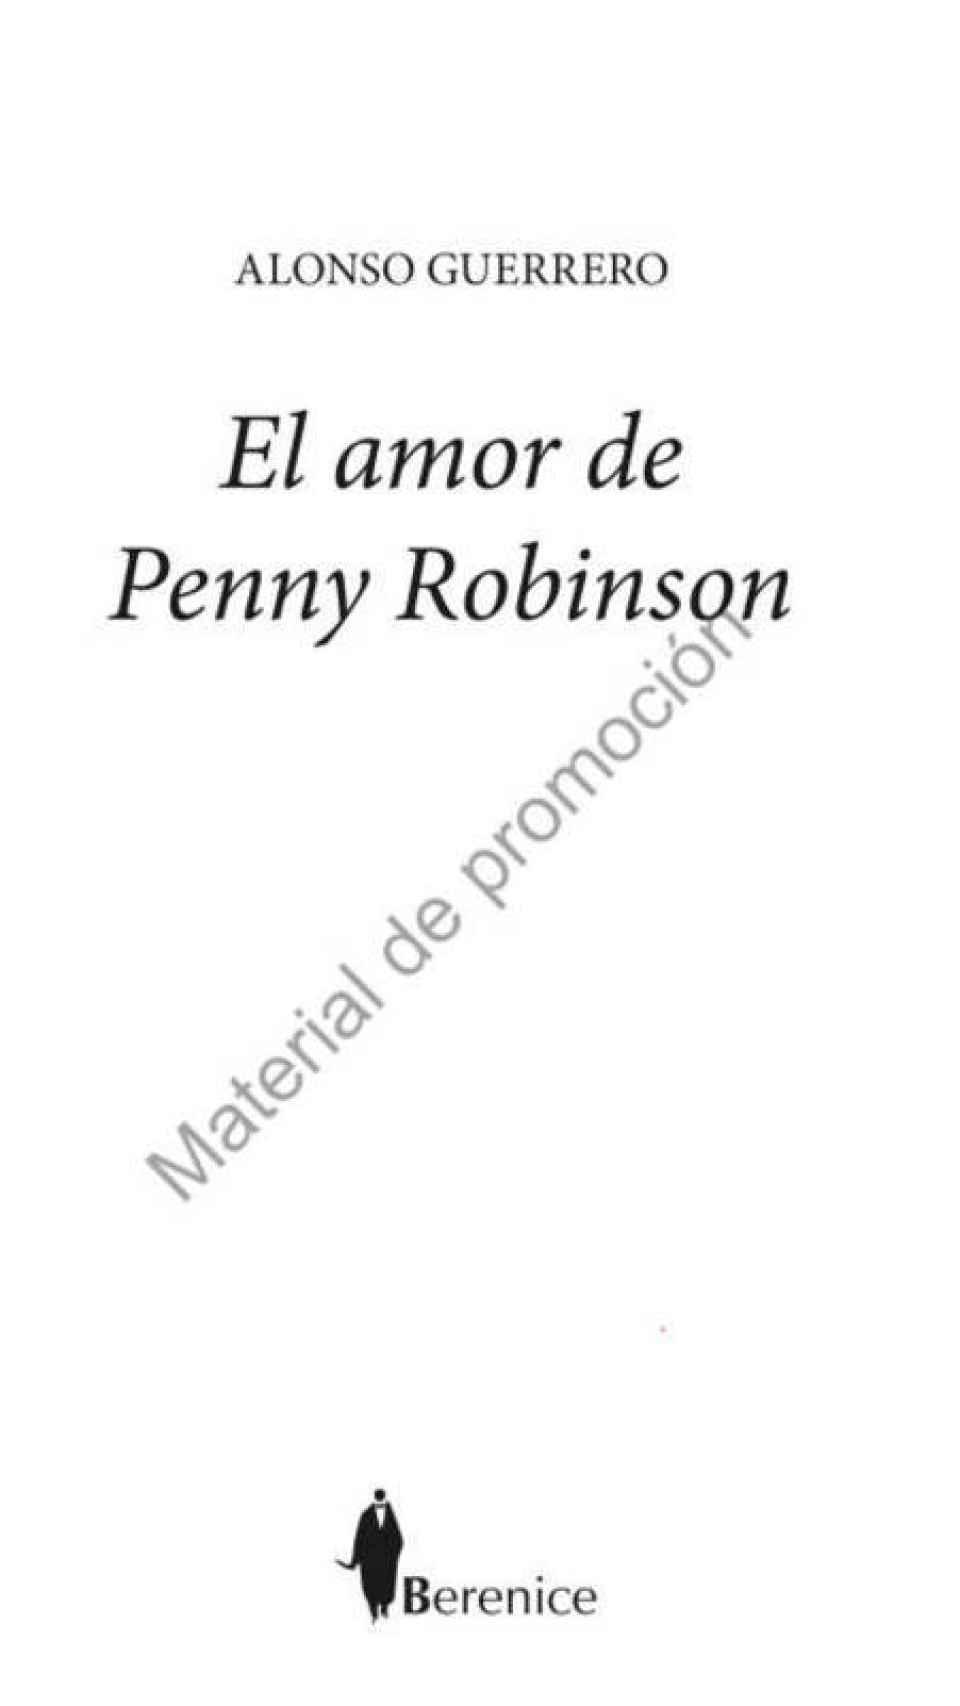 'El amor de Penny Robinson'